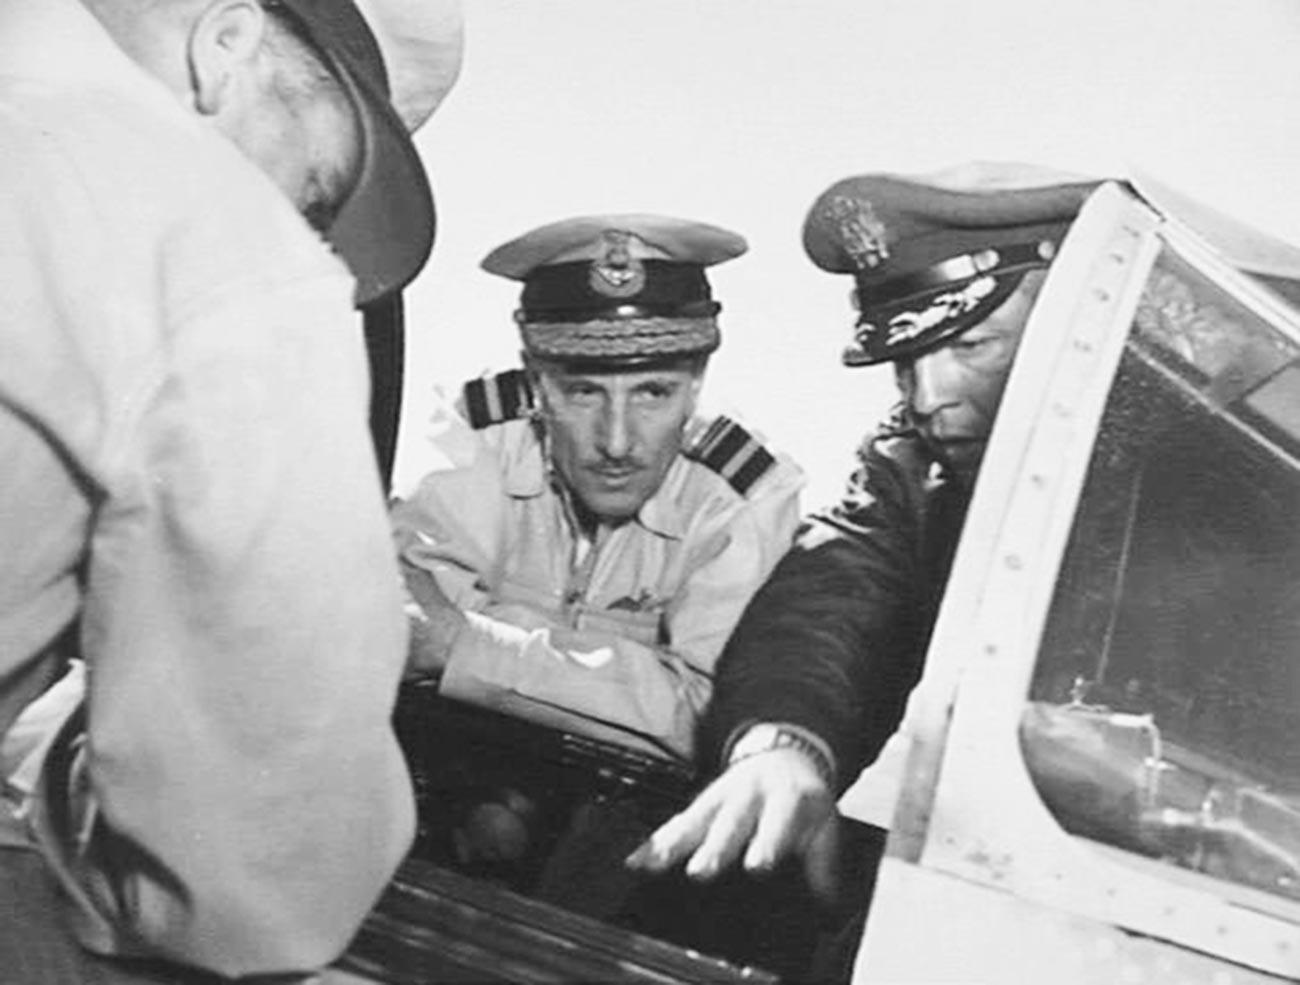 F-86「セイバー」を見学するアメリカ軍関係者、金浦の空軍基地(韓国)、1952年